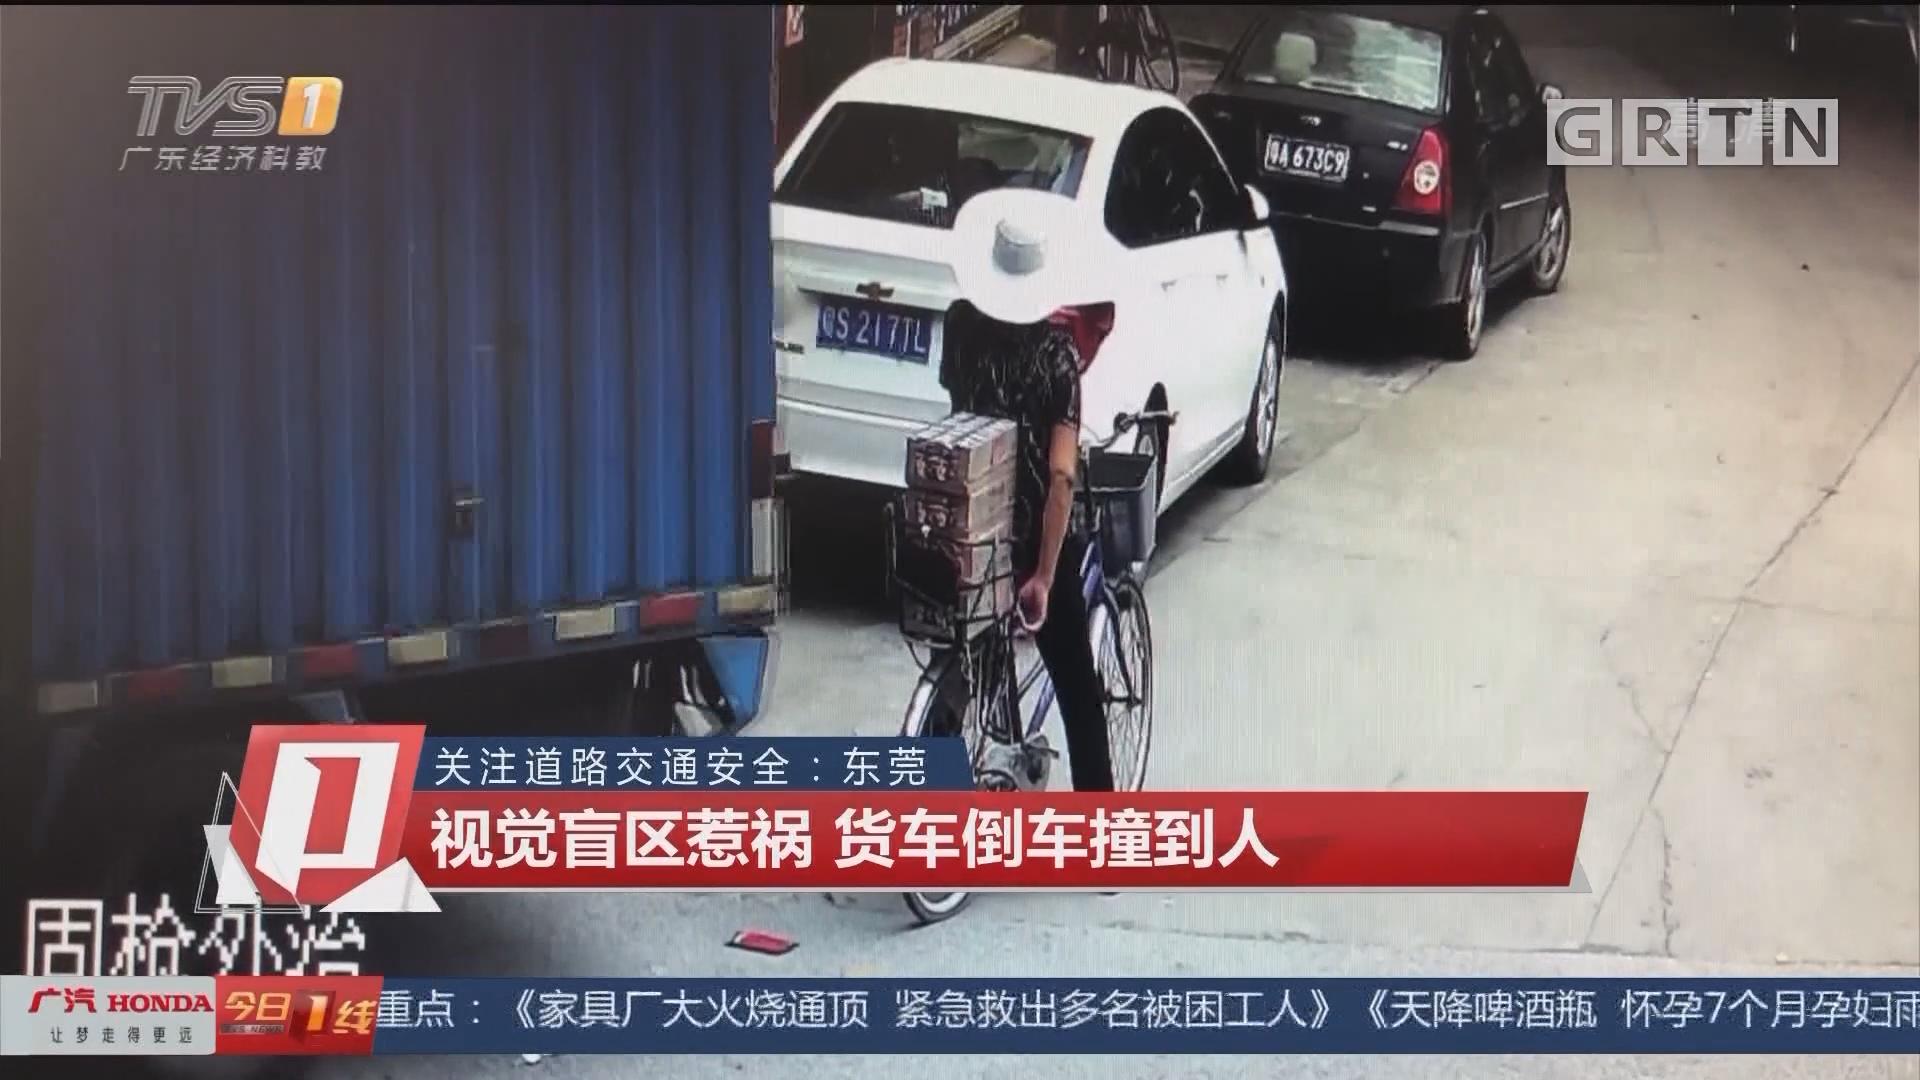 关注道路交通安全:东莞 视觉盲区惹祸 货车倒车撞到人